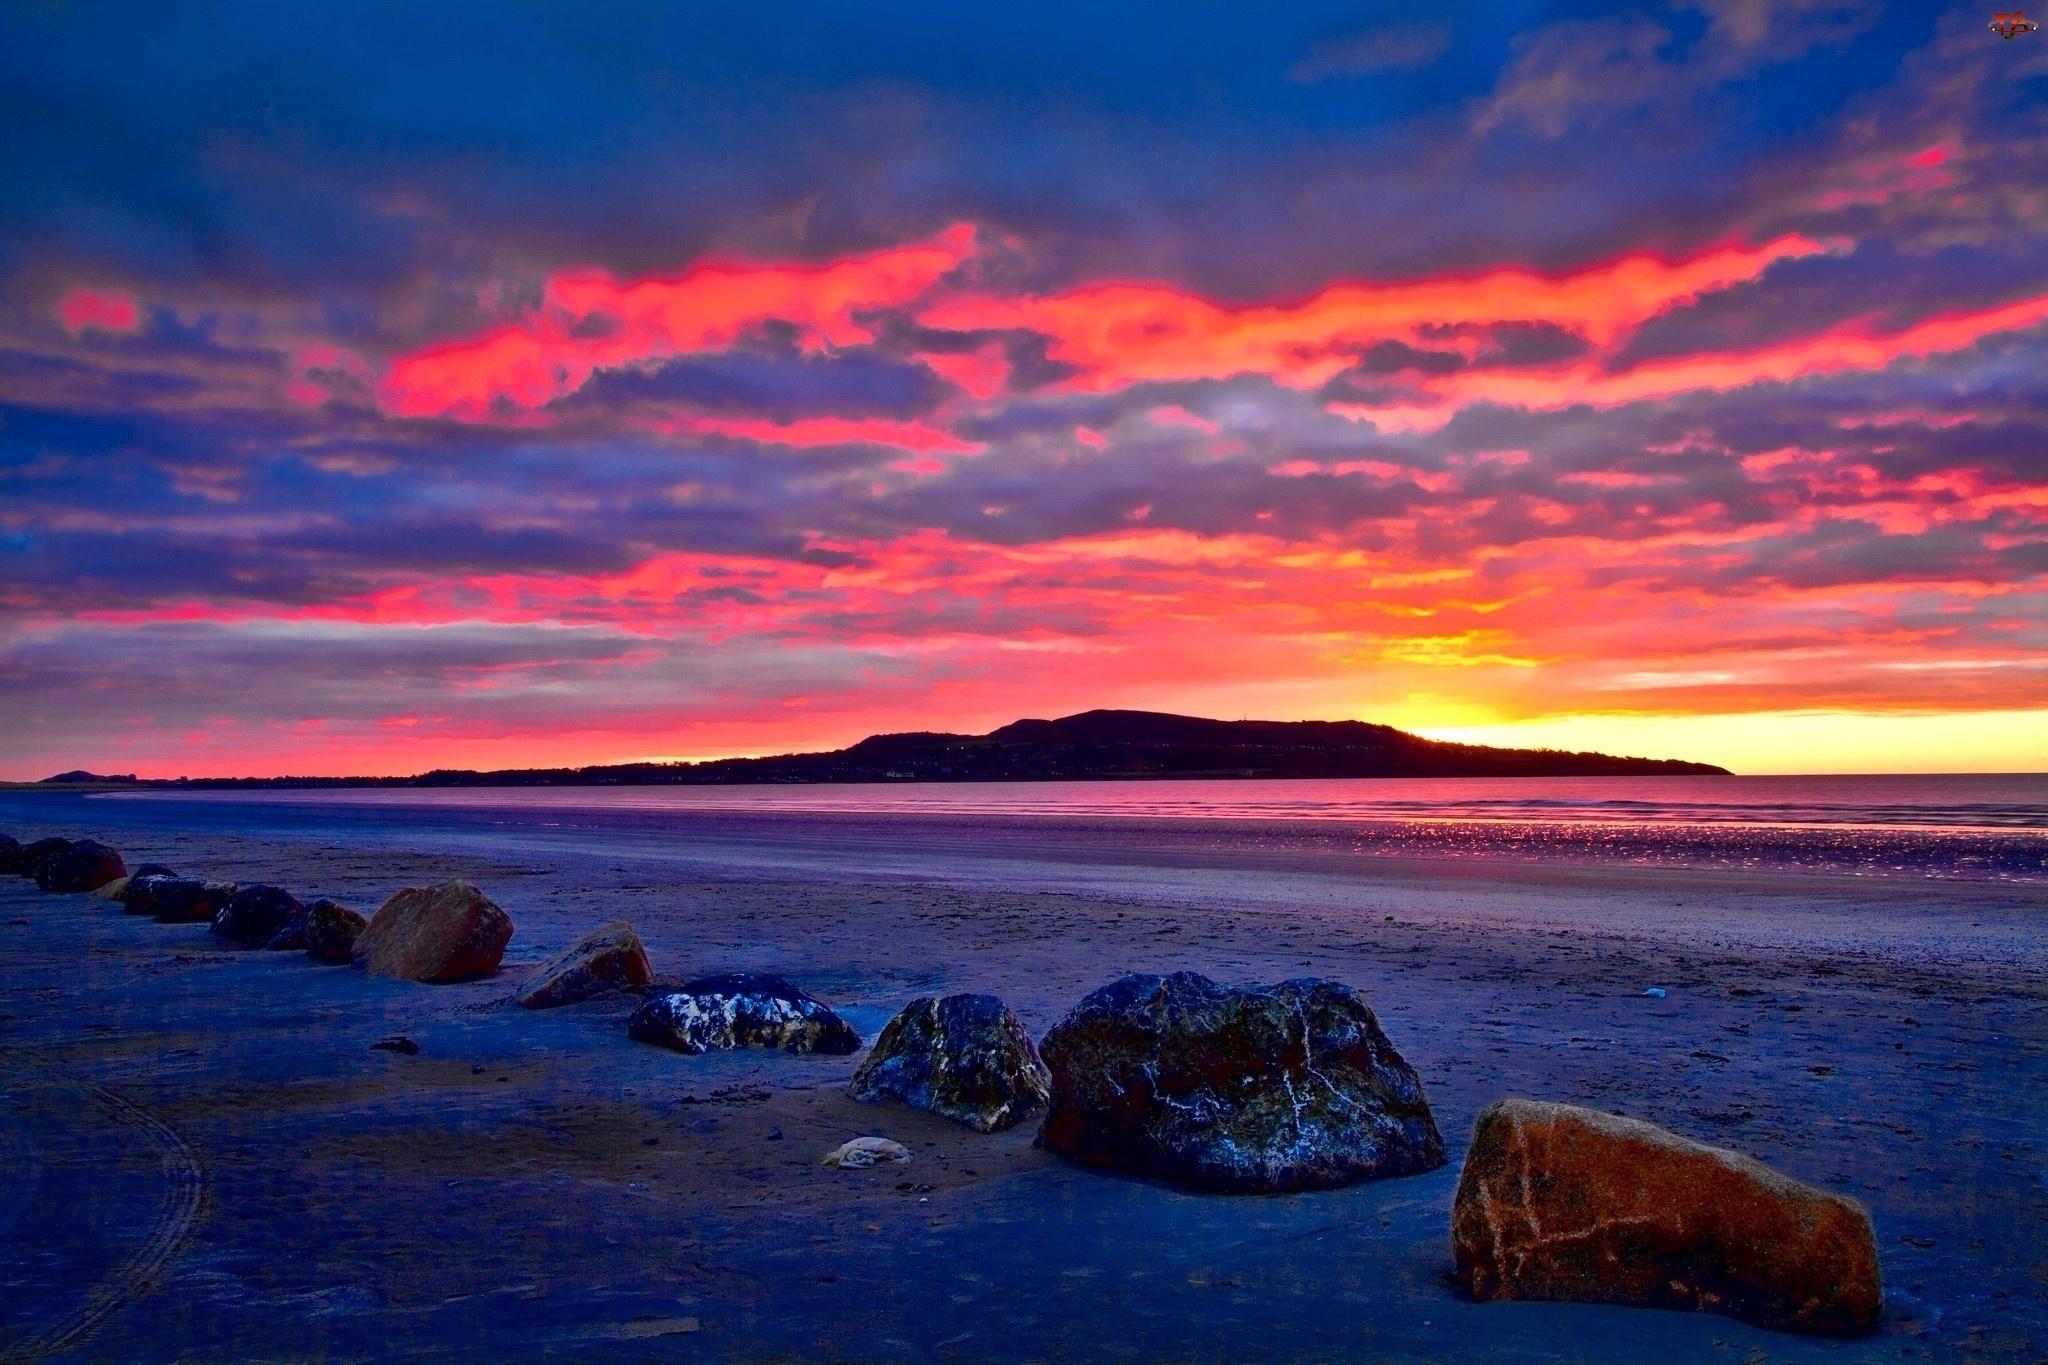 Słońca, Morze, Kamienie, Plaża, Zachód